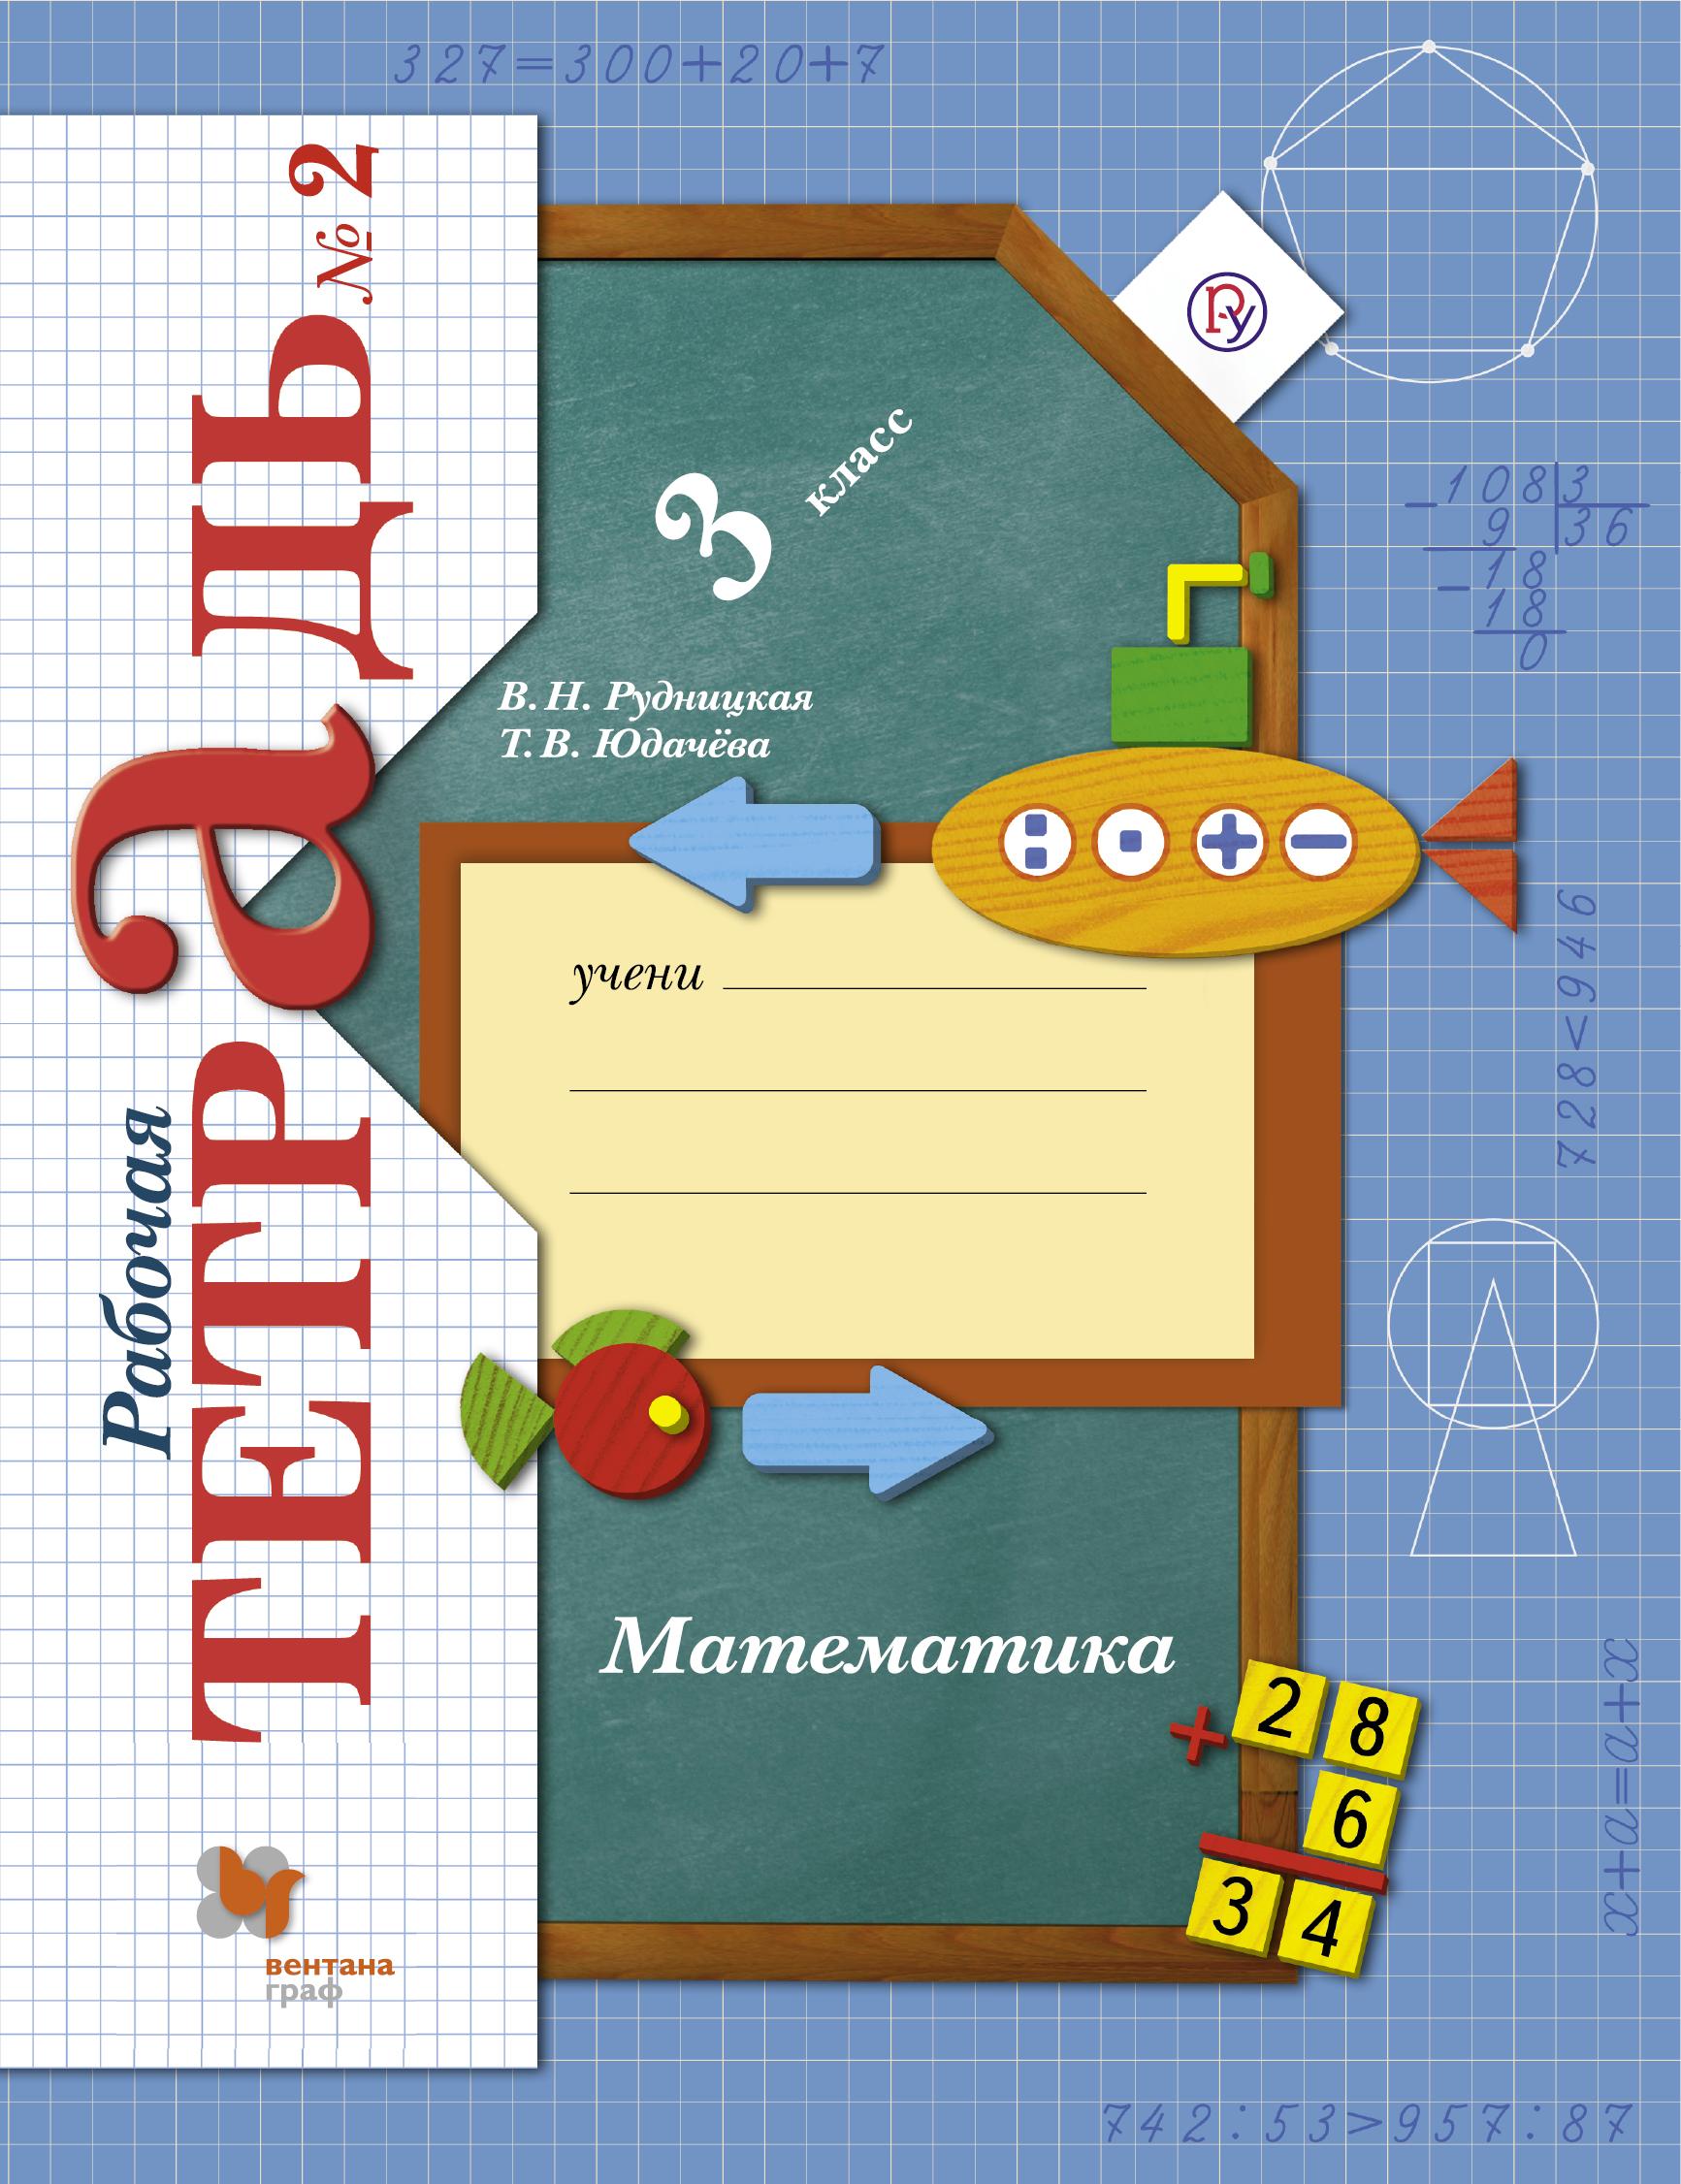 В. Н. Рудницкая, Т. В. Юдачева Математика. 3класс. Рабочая тетрадь №2 рудницкая в математика 3 класс